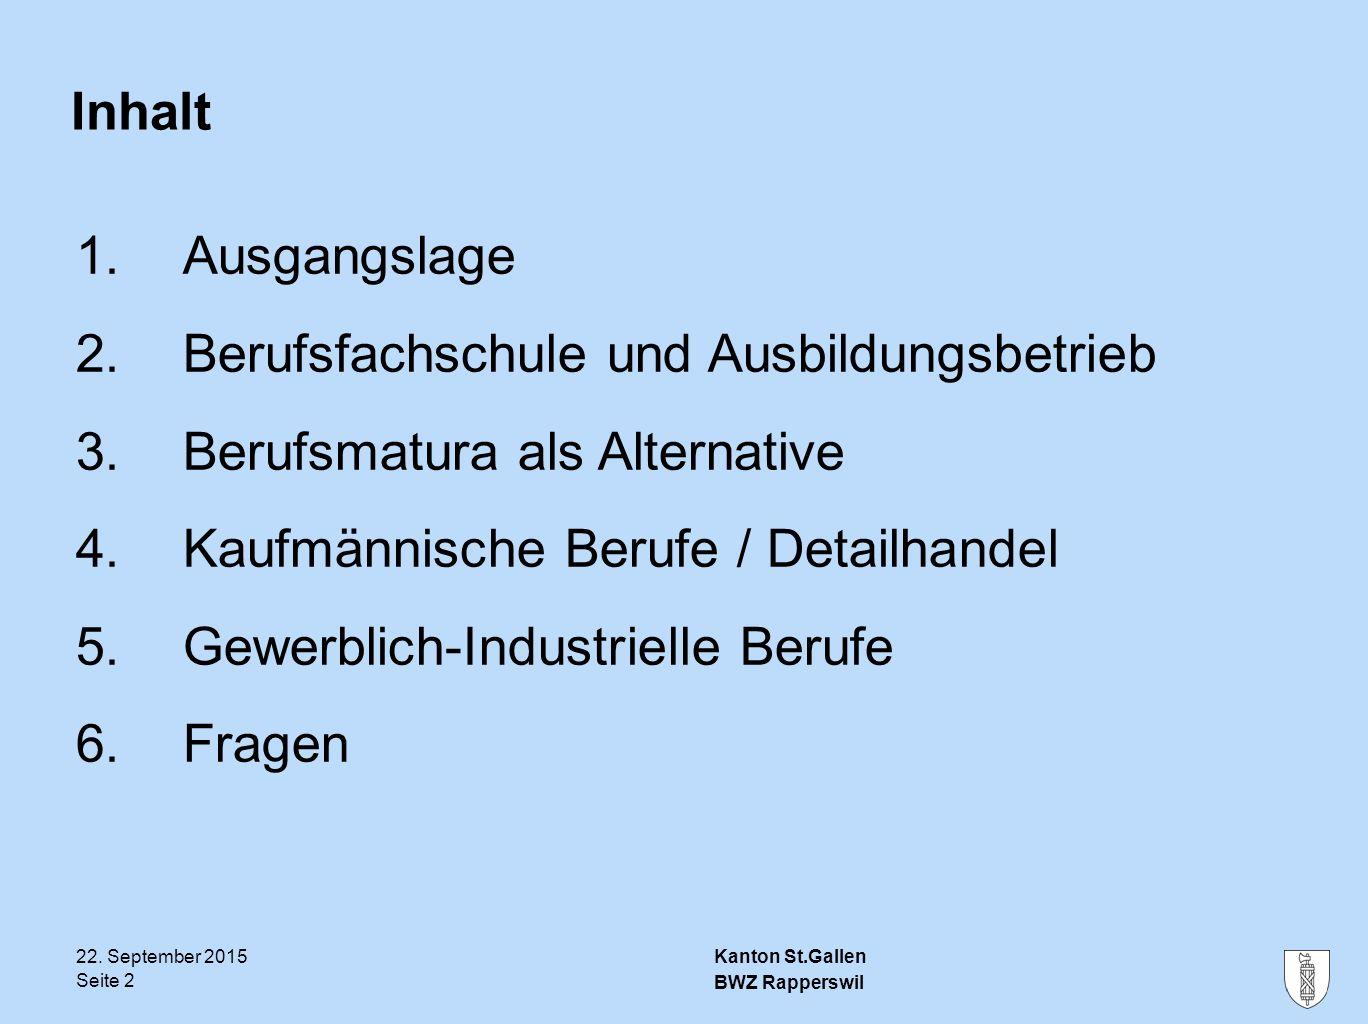 Kanton St.Gallen Inhalt 22. September 2015 BWZ Rapperswil Seite 2 1.Ausgangslage 2.Berufsfachschule und Ausbildungsbetrieb 3.Berufsmatura als Alternat